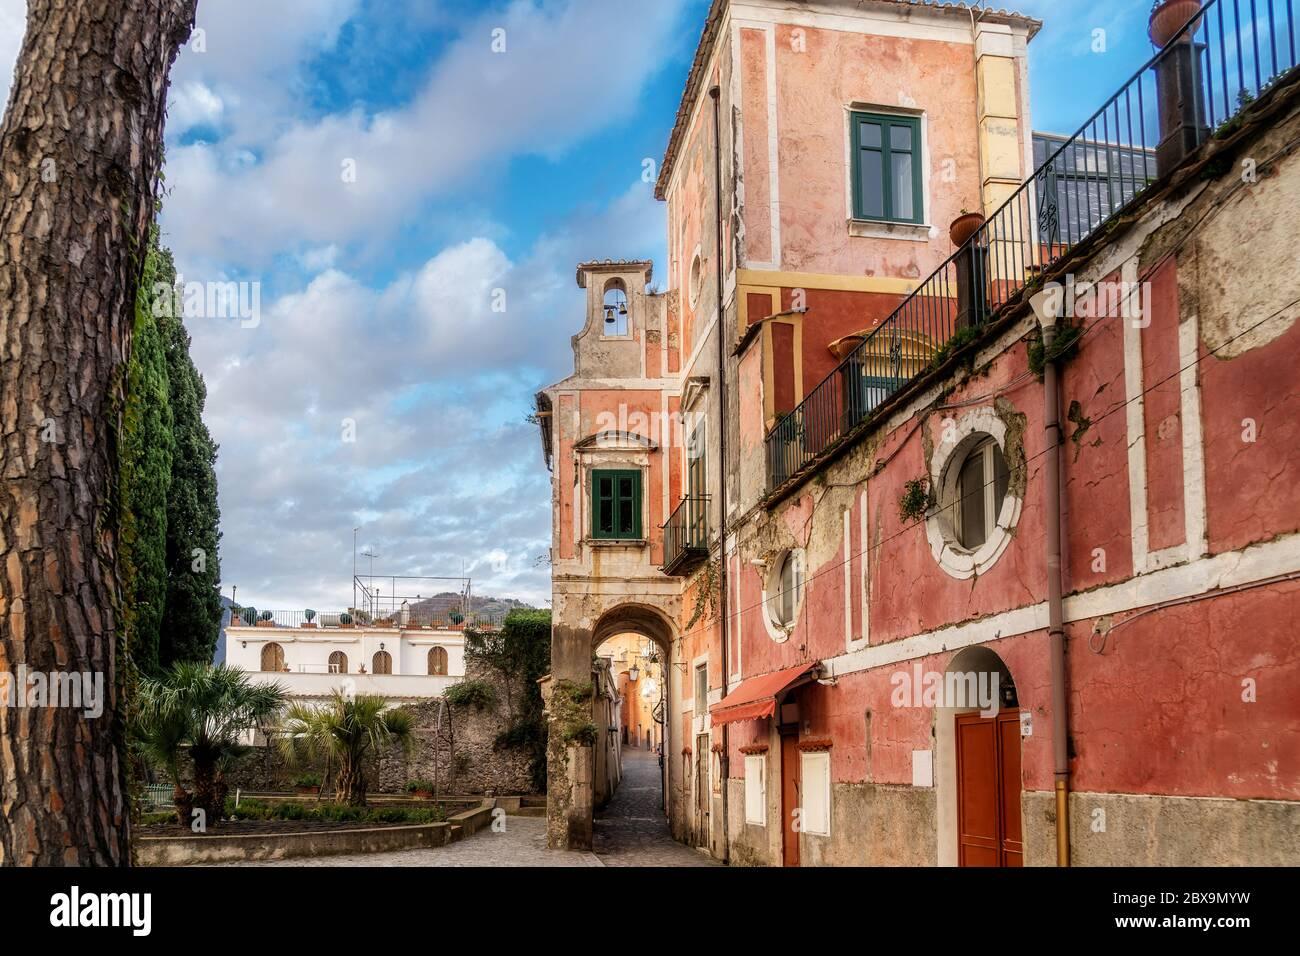 Ancien bâtiment rouge dans la vieille ville de Ravello, côte amalfitaine, Campanie, Naples, Italie. Photo de haute qualité Banque D'Images